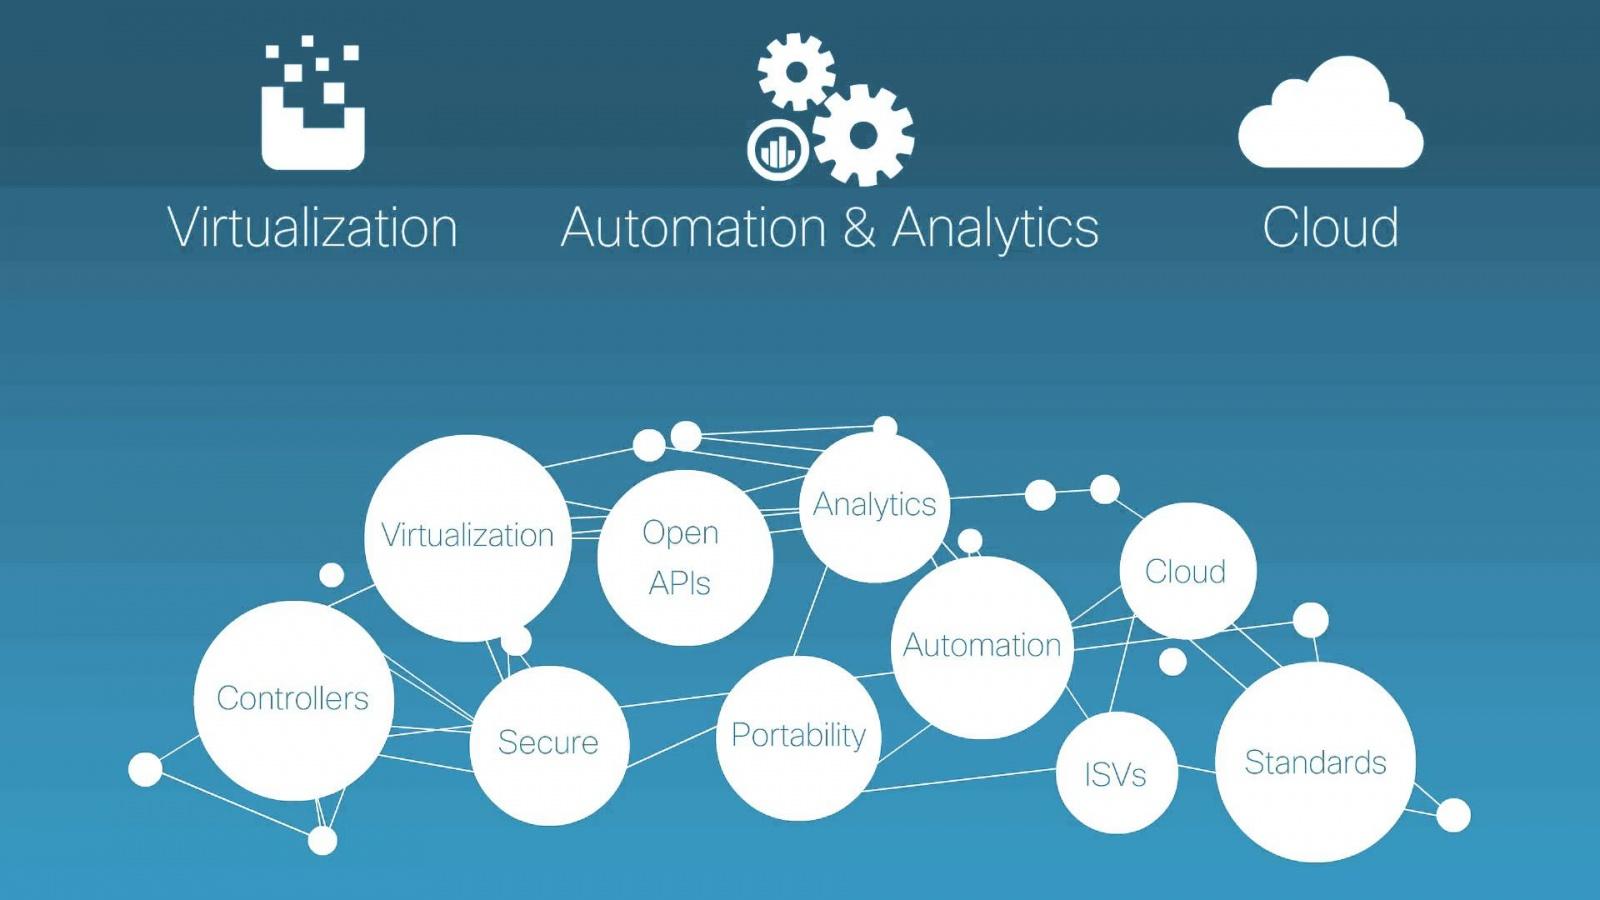 Cisco Digital Network Architecture: основные возможности новой платформы - 2